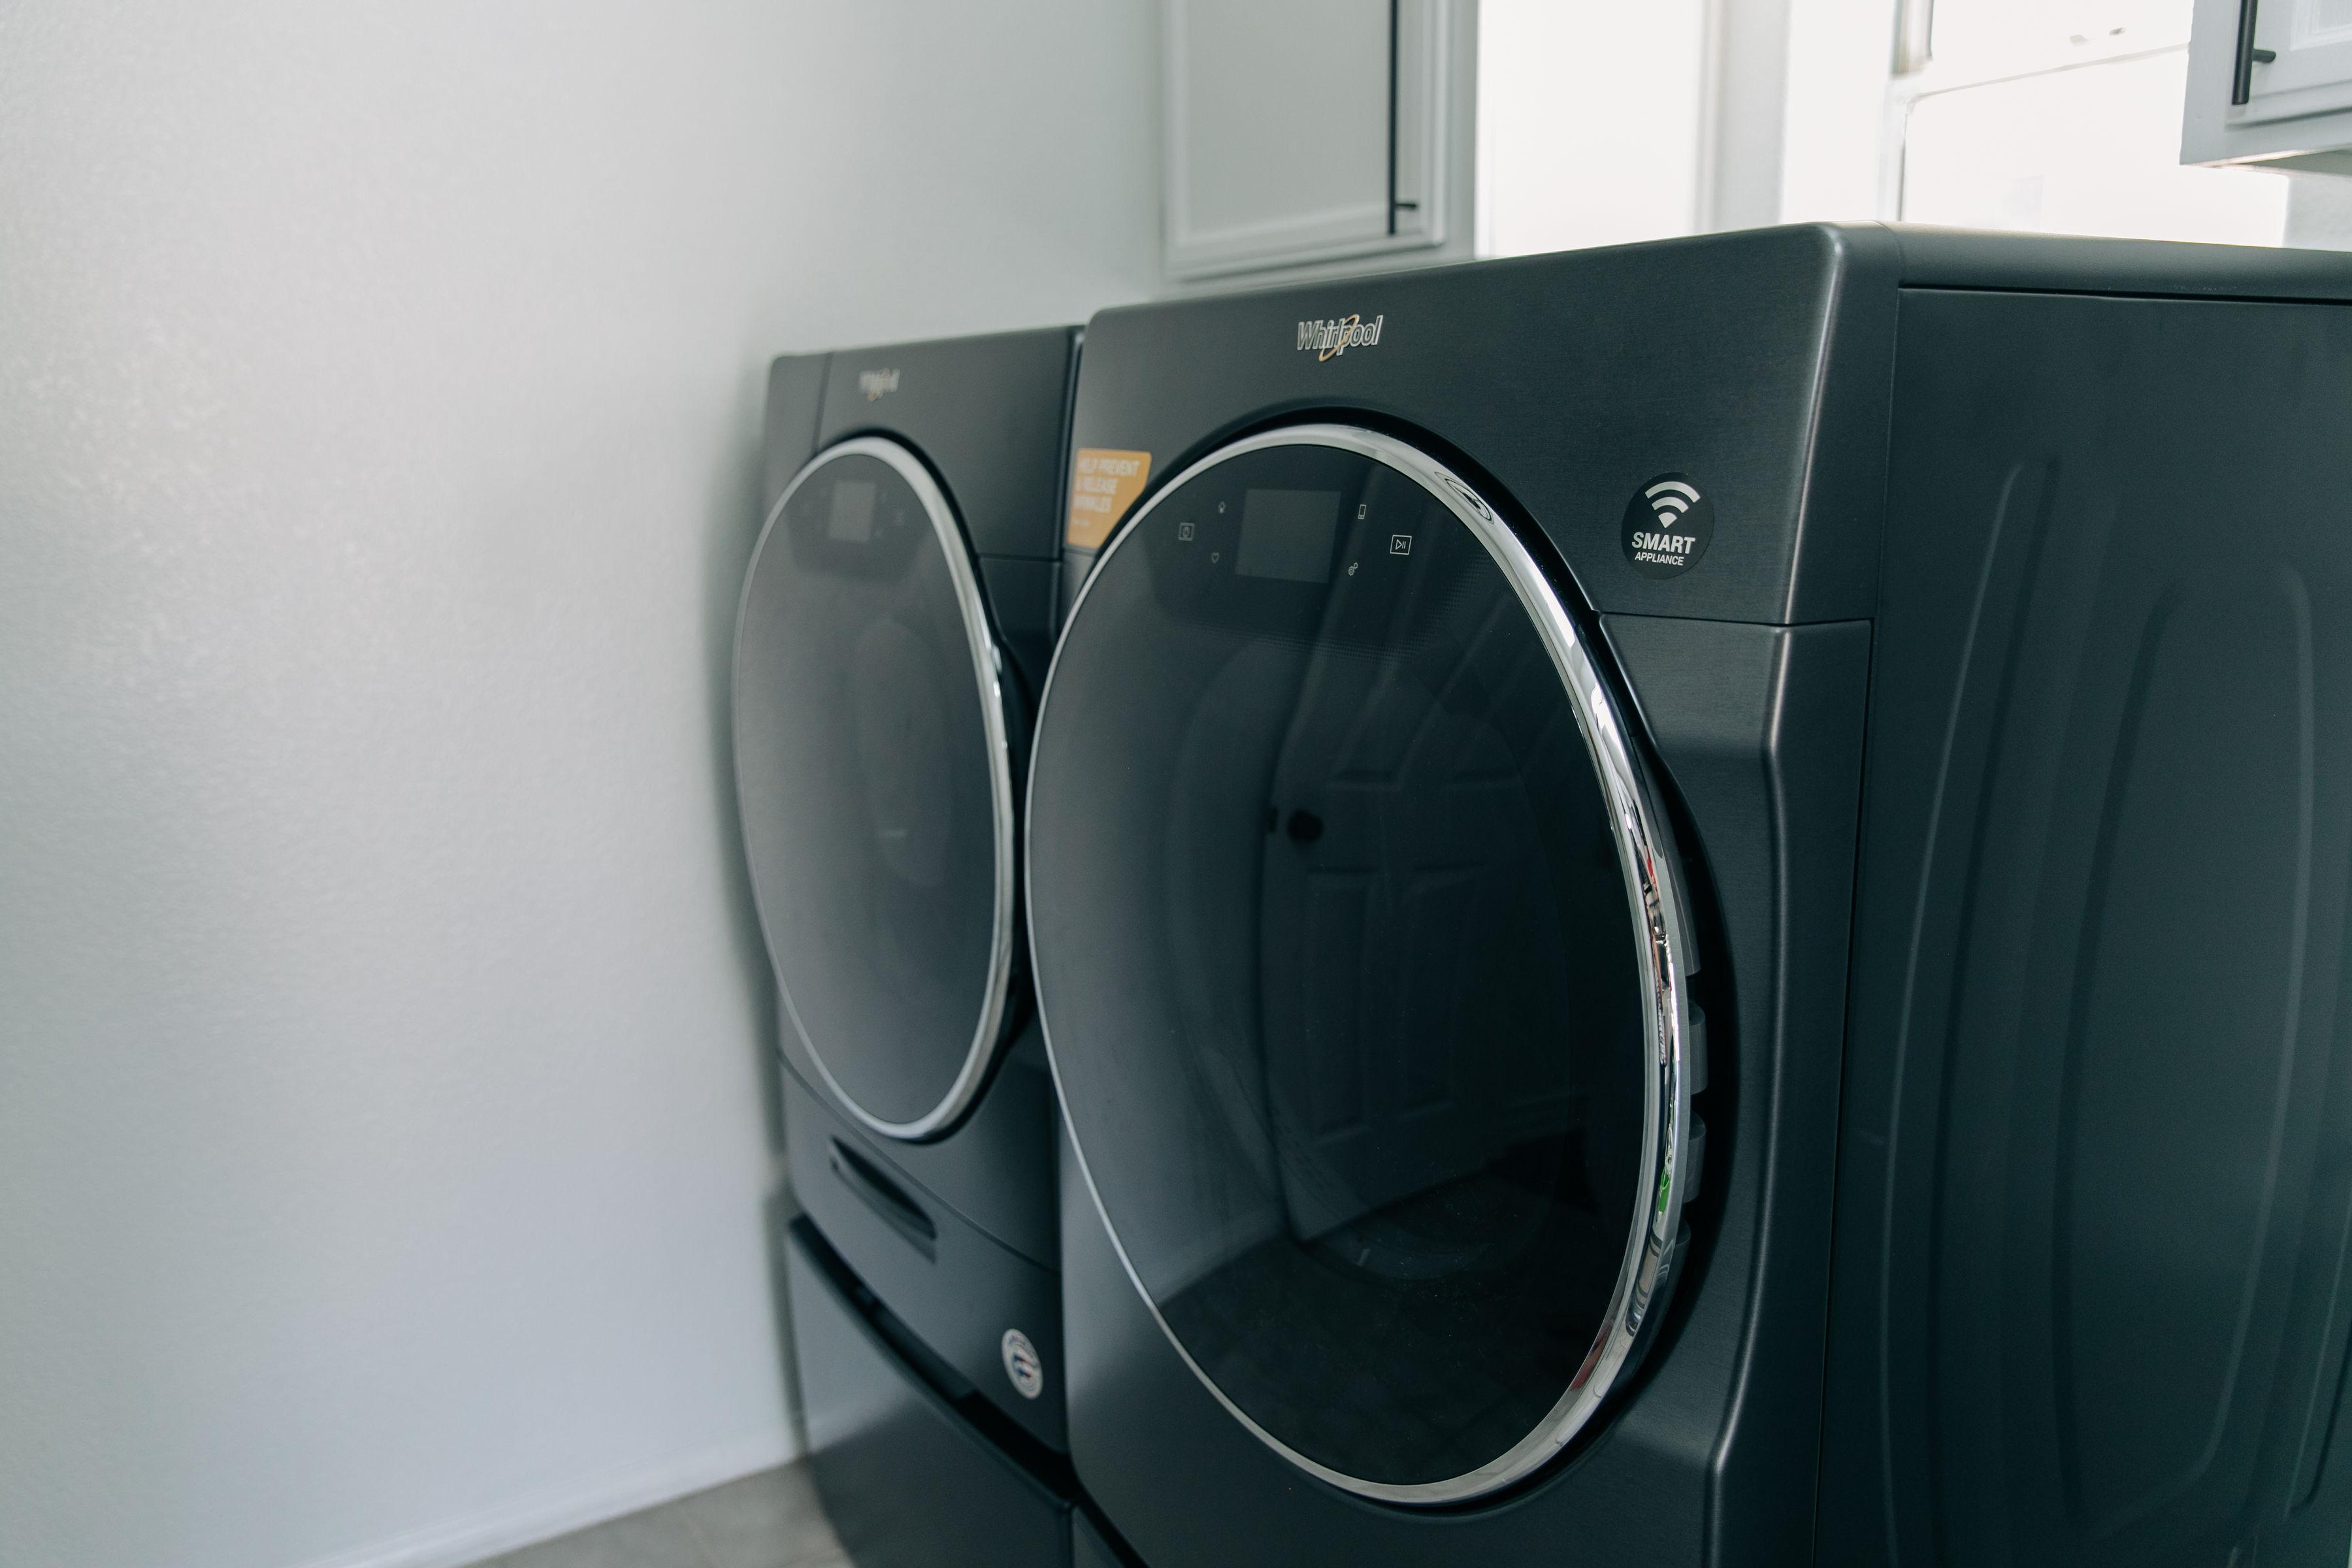 The_MotherOverload-5-Family-LaundryHacks